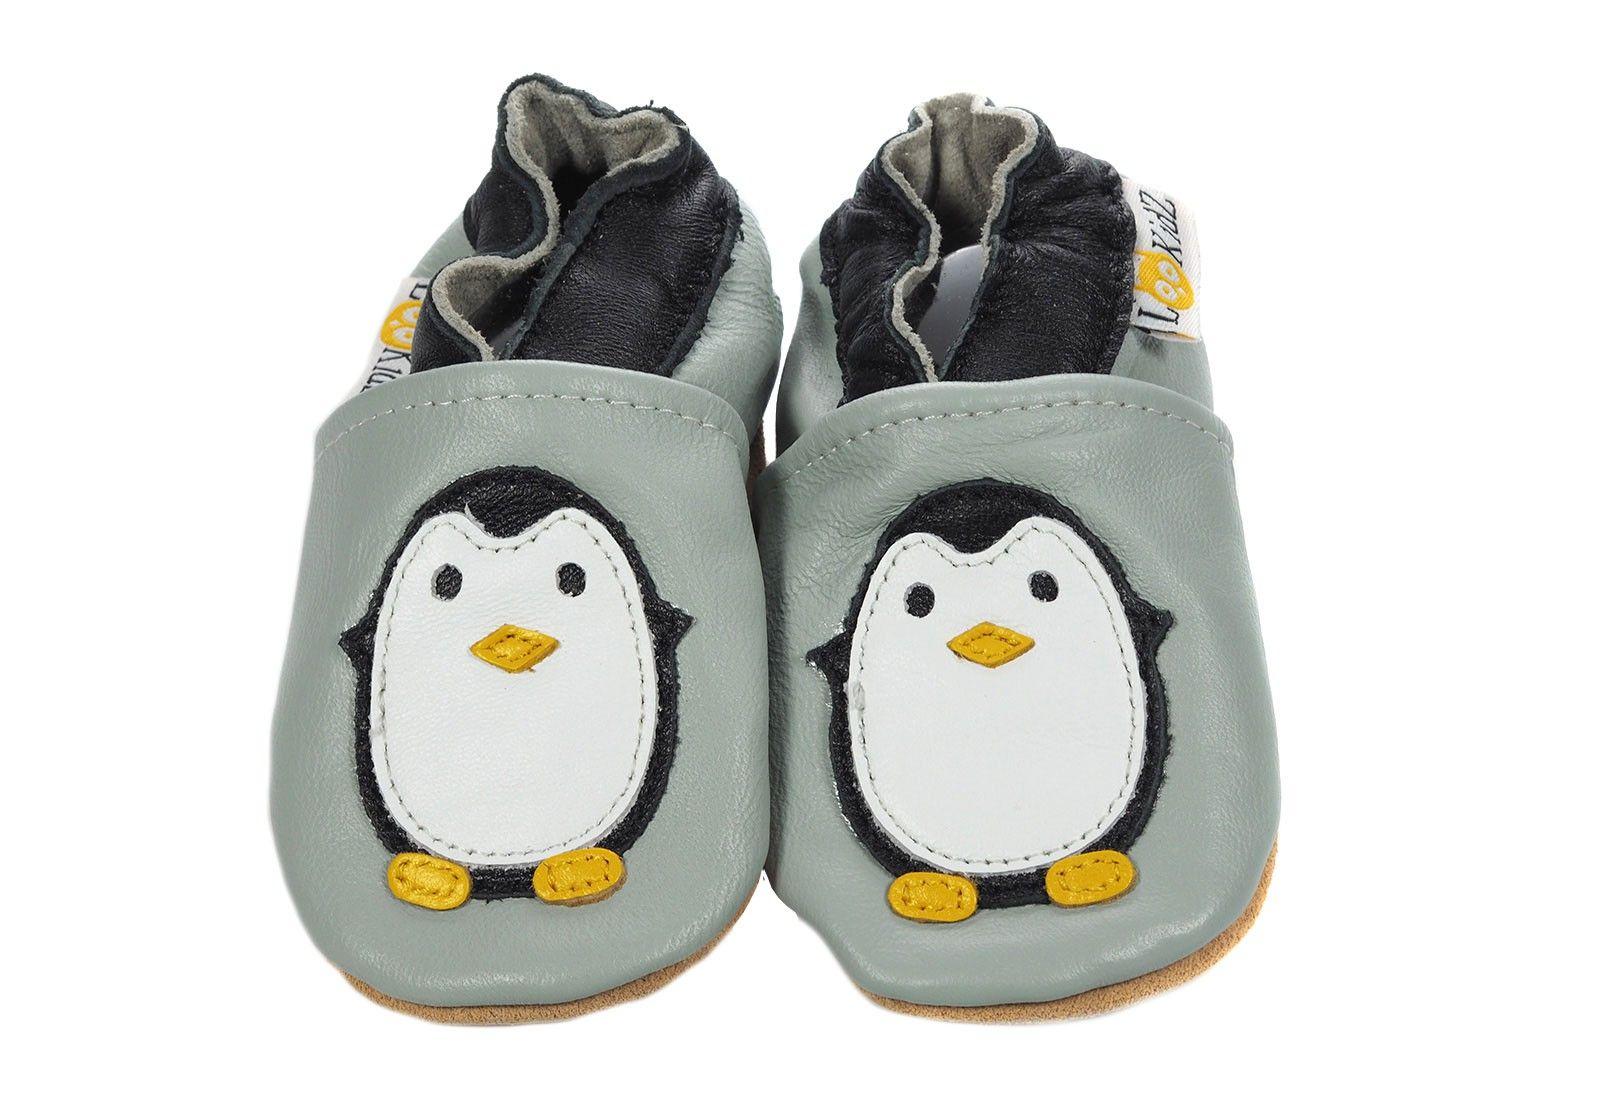 New York dans quelques jours revendeur Chaussons en cuir Lookidz Pingouin gris   Kids   Chausson ...